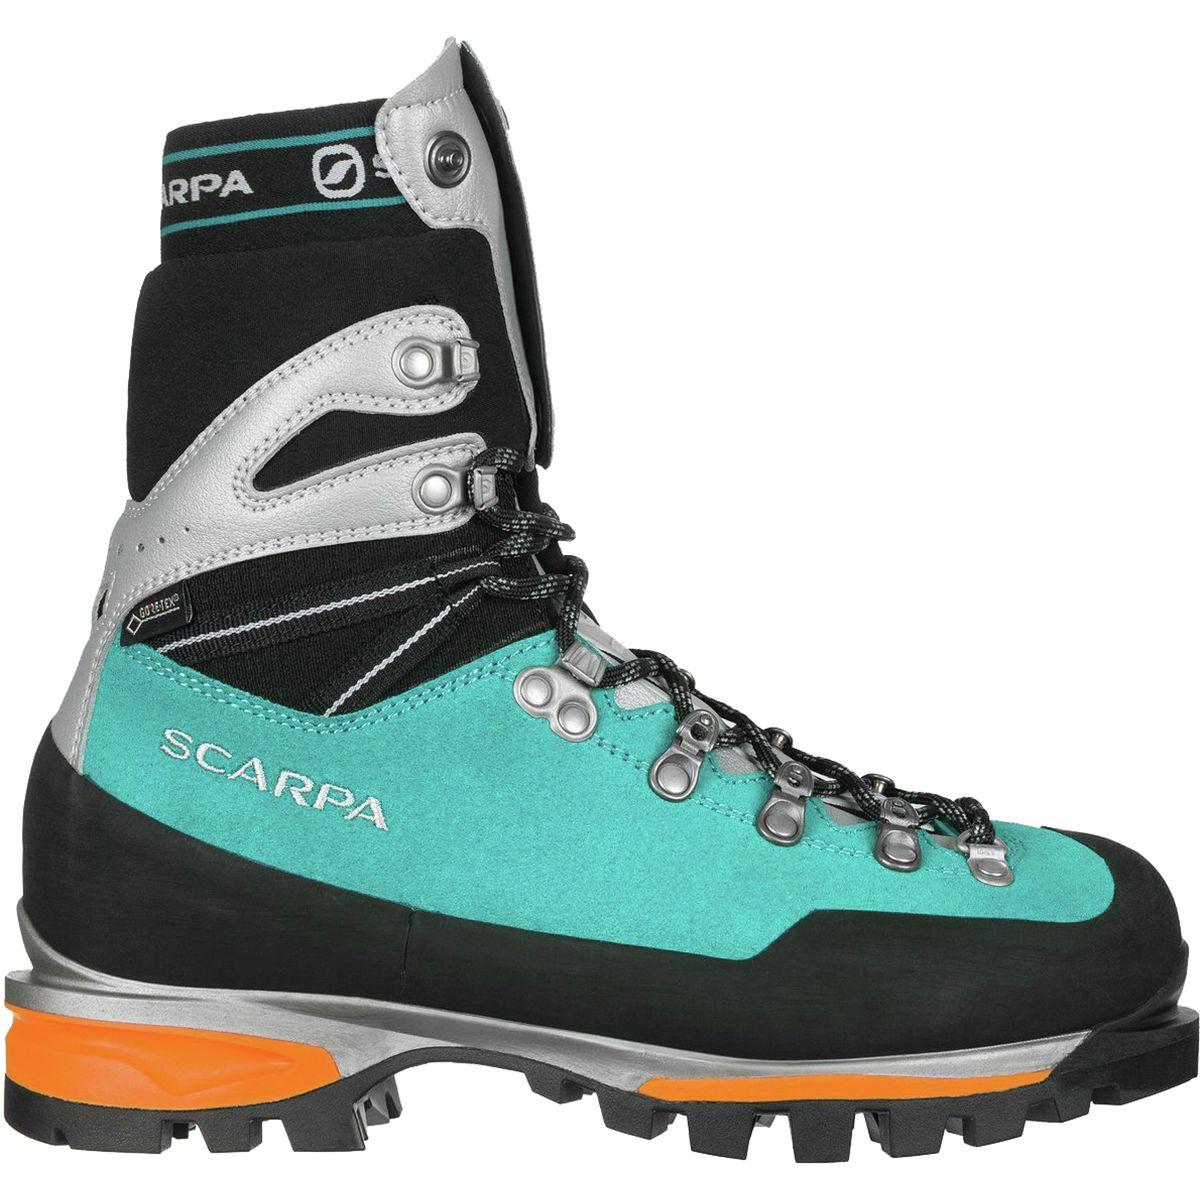 Scarpa Mont Blanc Pro GTX